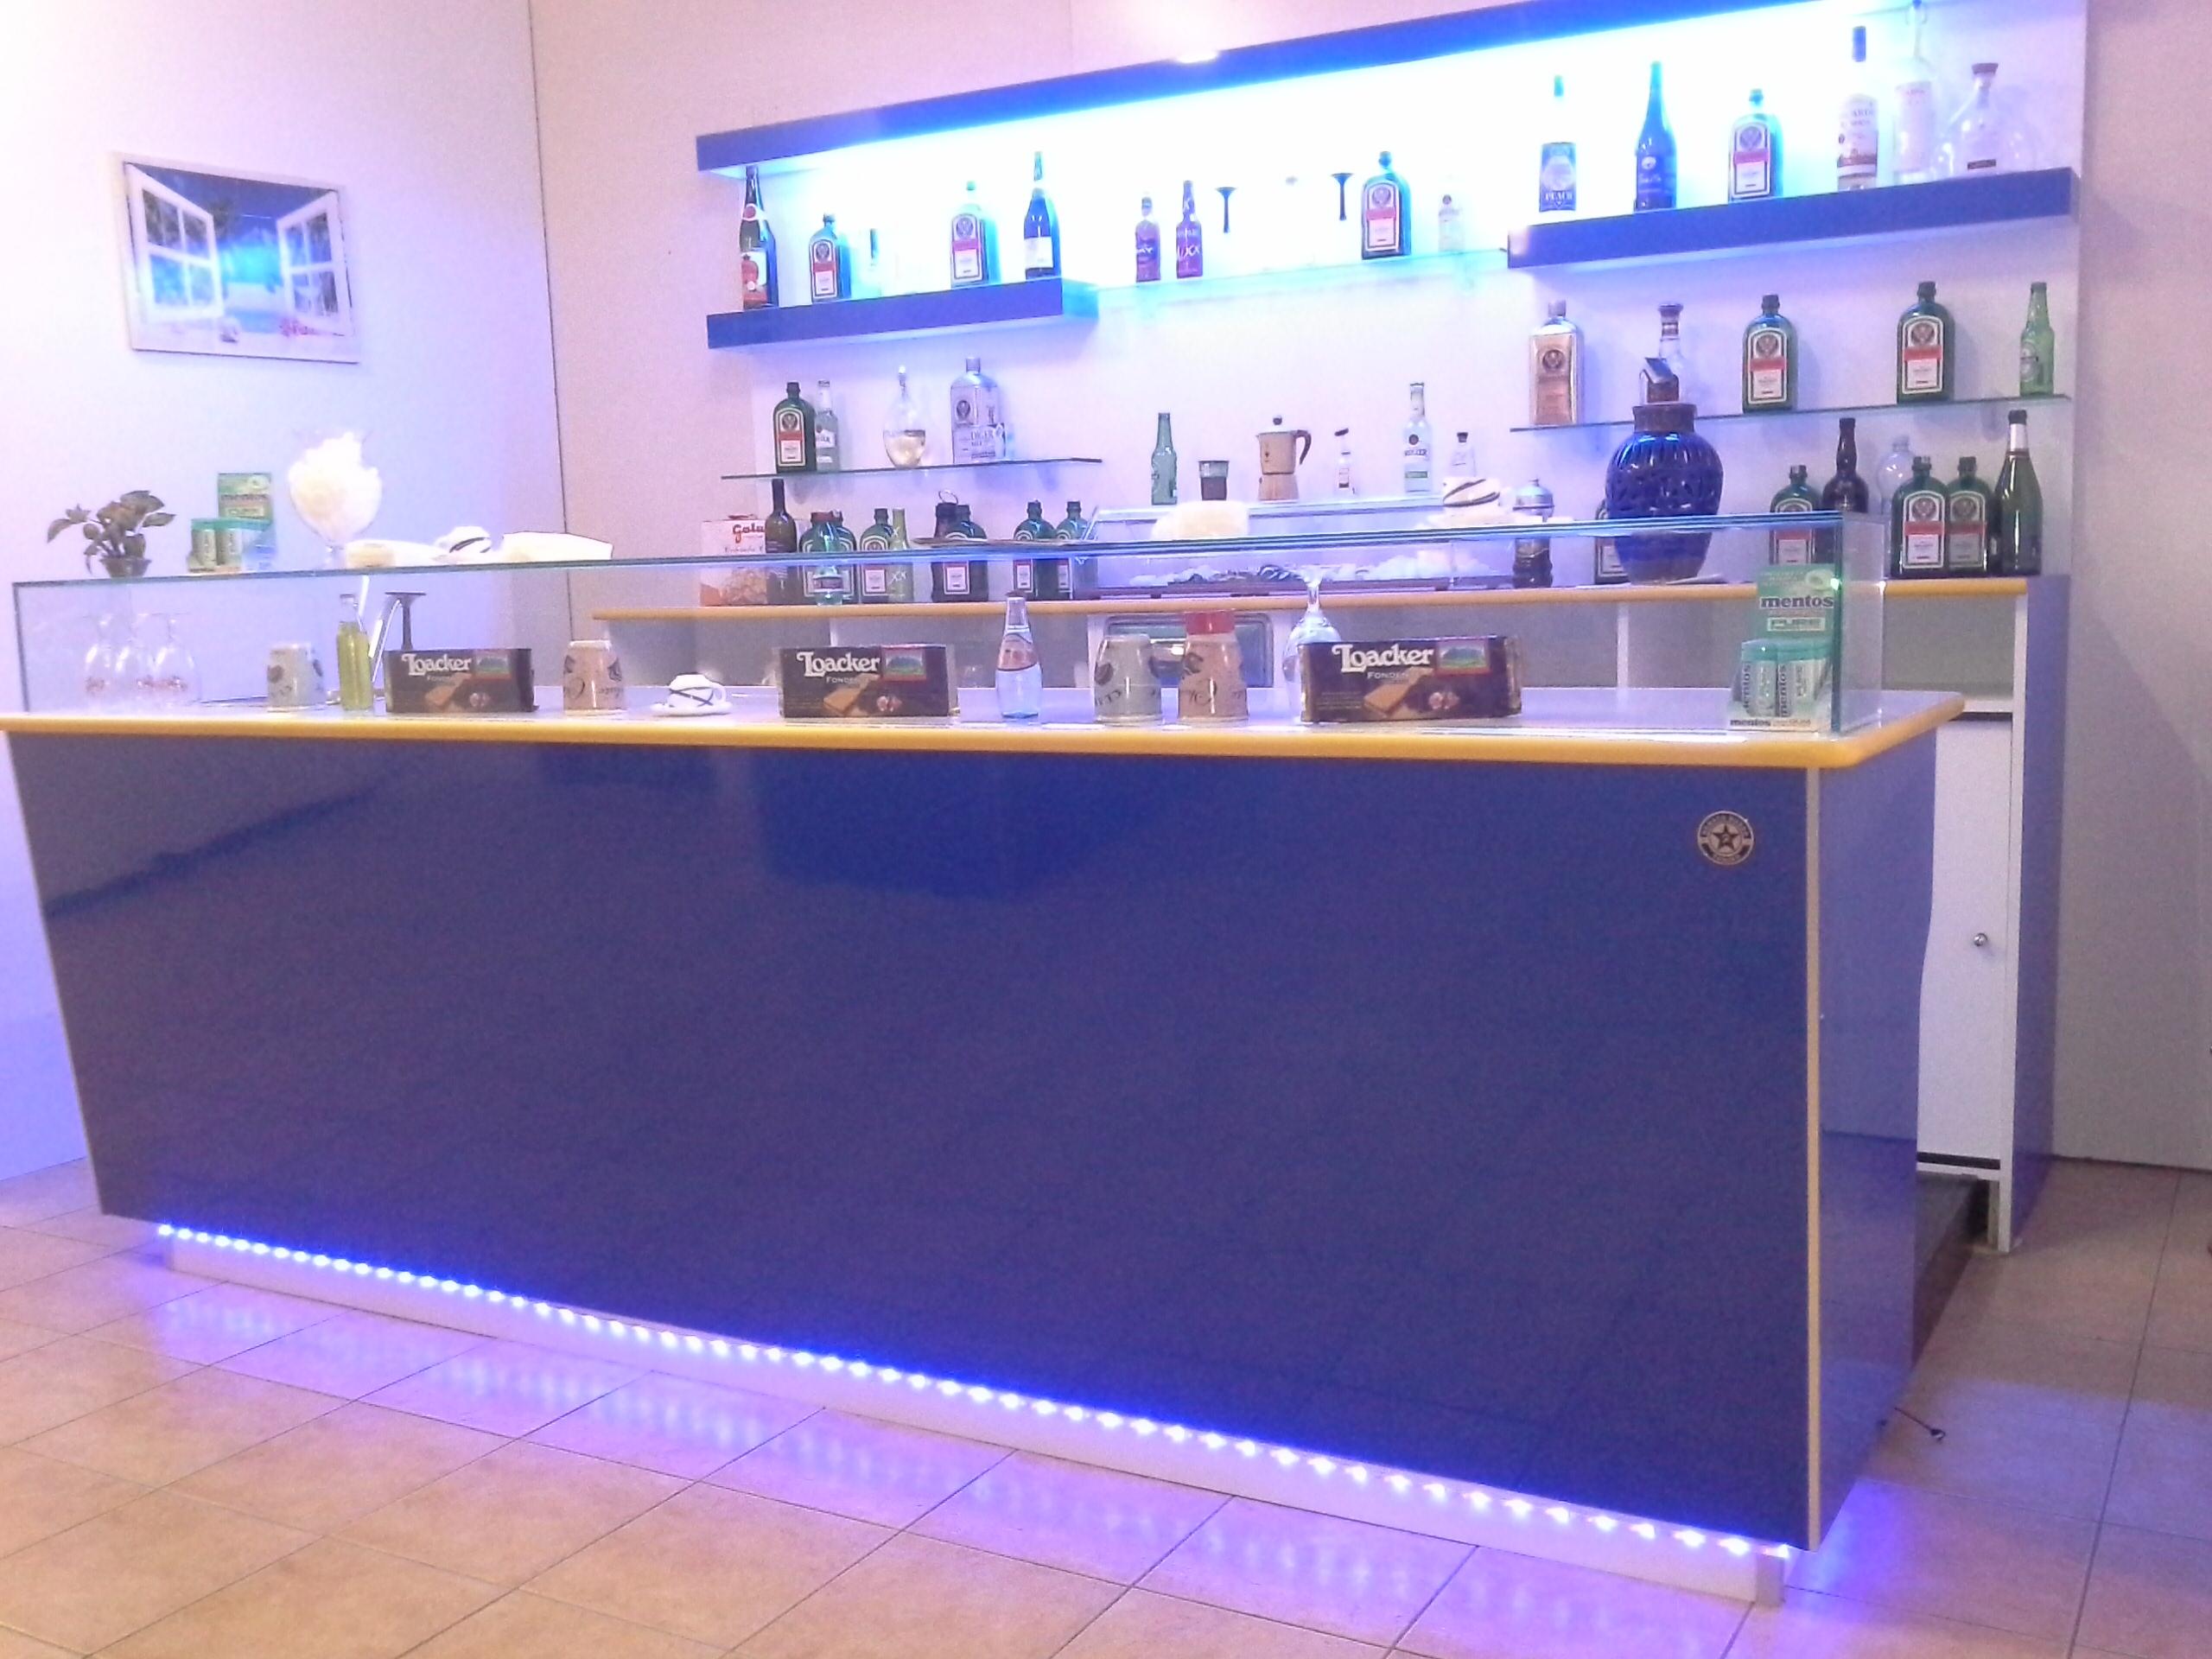 Produttori banchi bar dal 1980 renato russo torino for Bancone bar prezzi